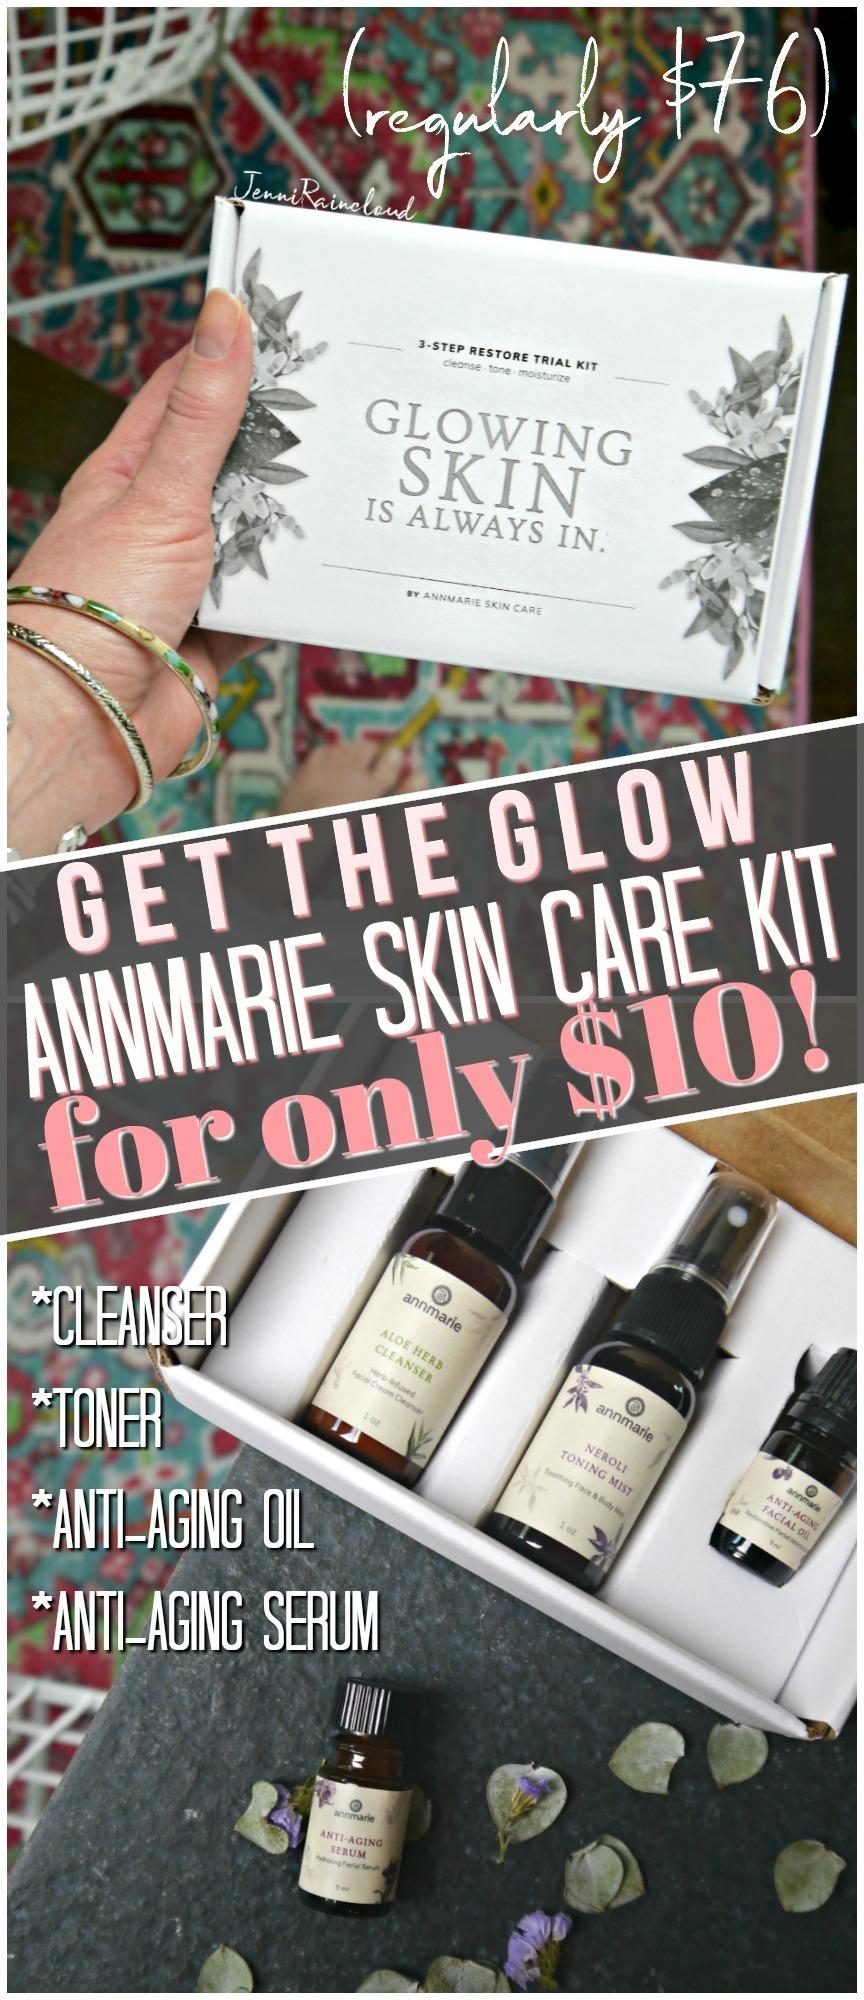 Annmarie Skin Care Detox Kit